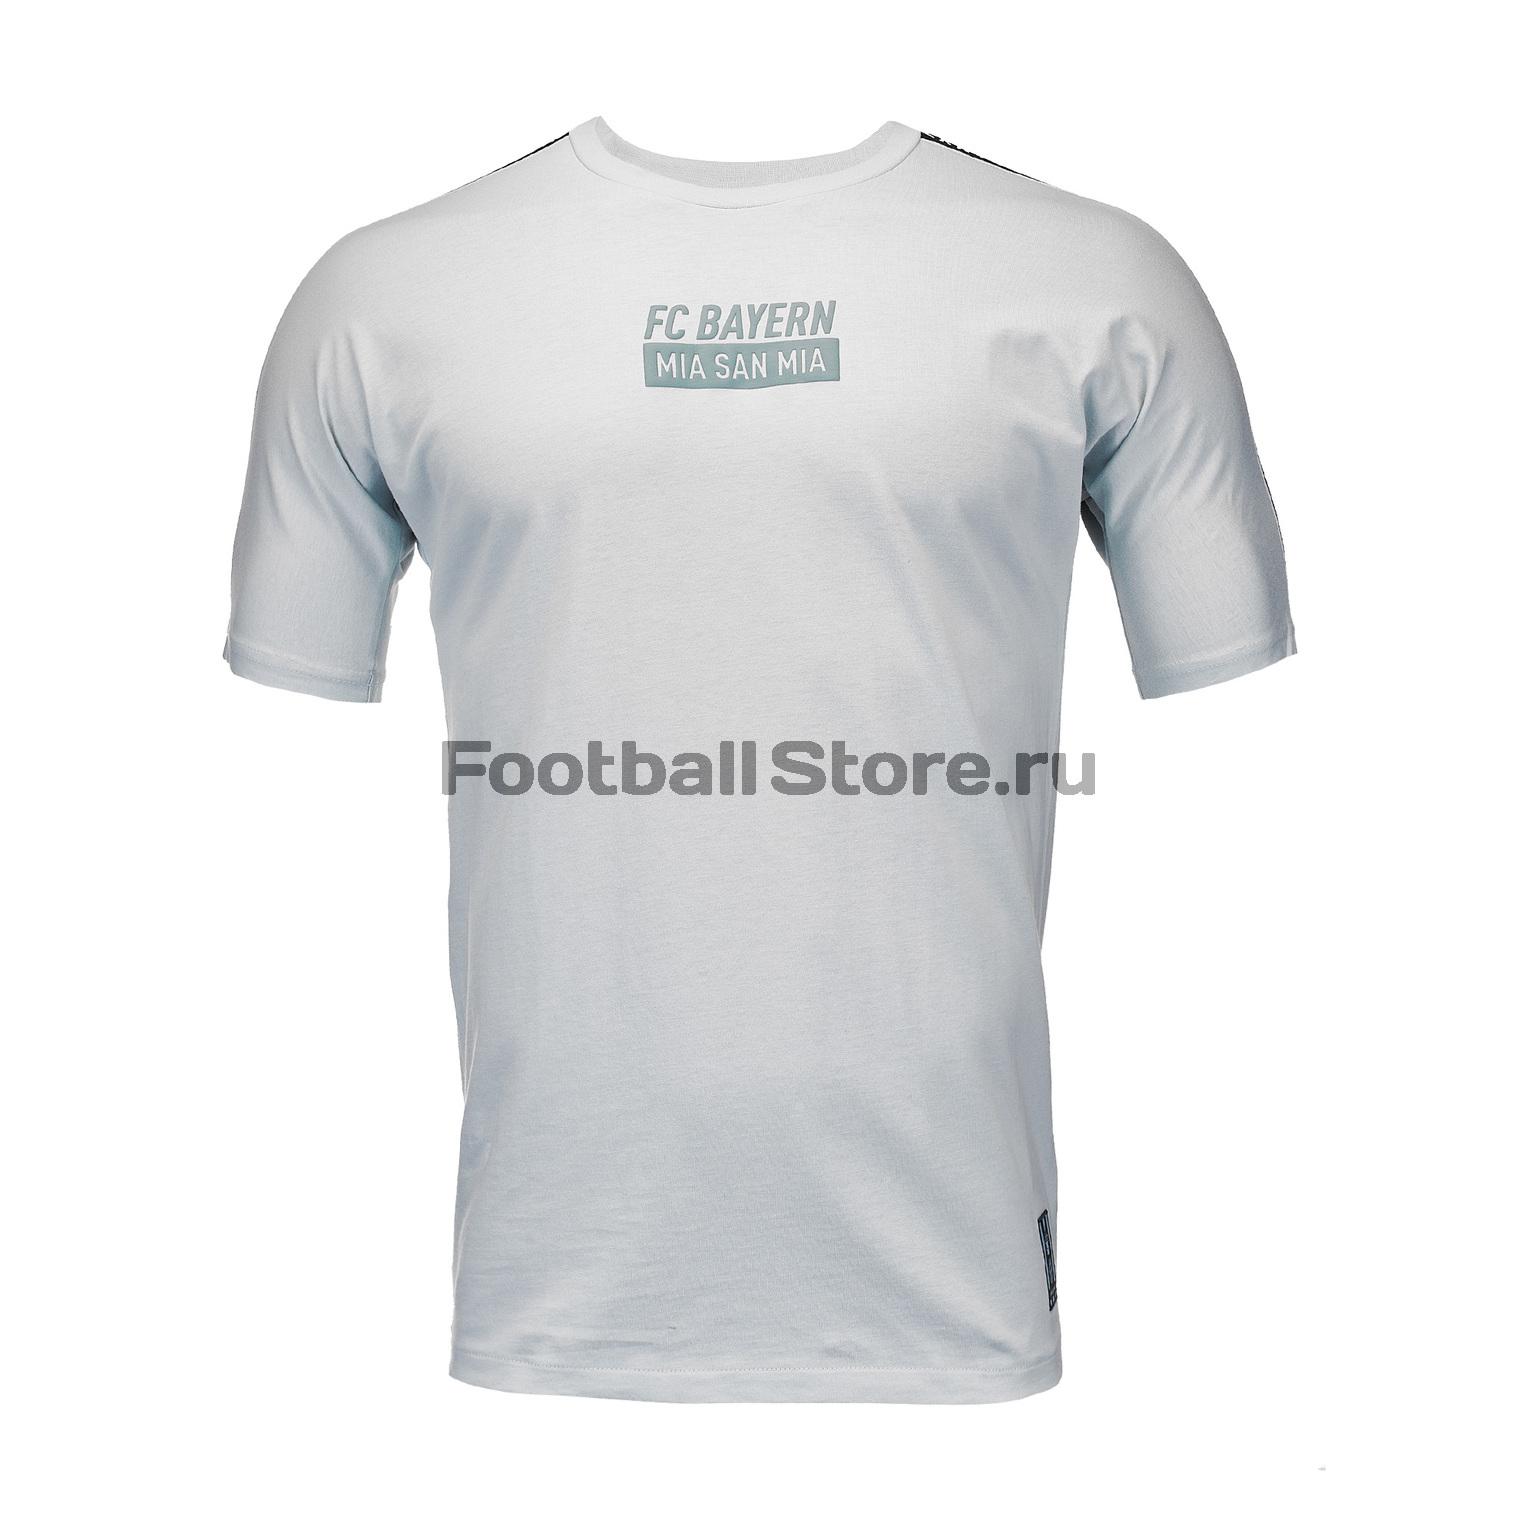 Футболка тренировочная Adidas Bayern Tee DP4107 все цены